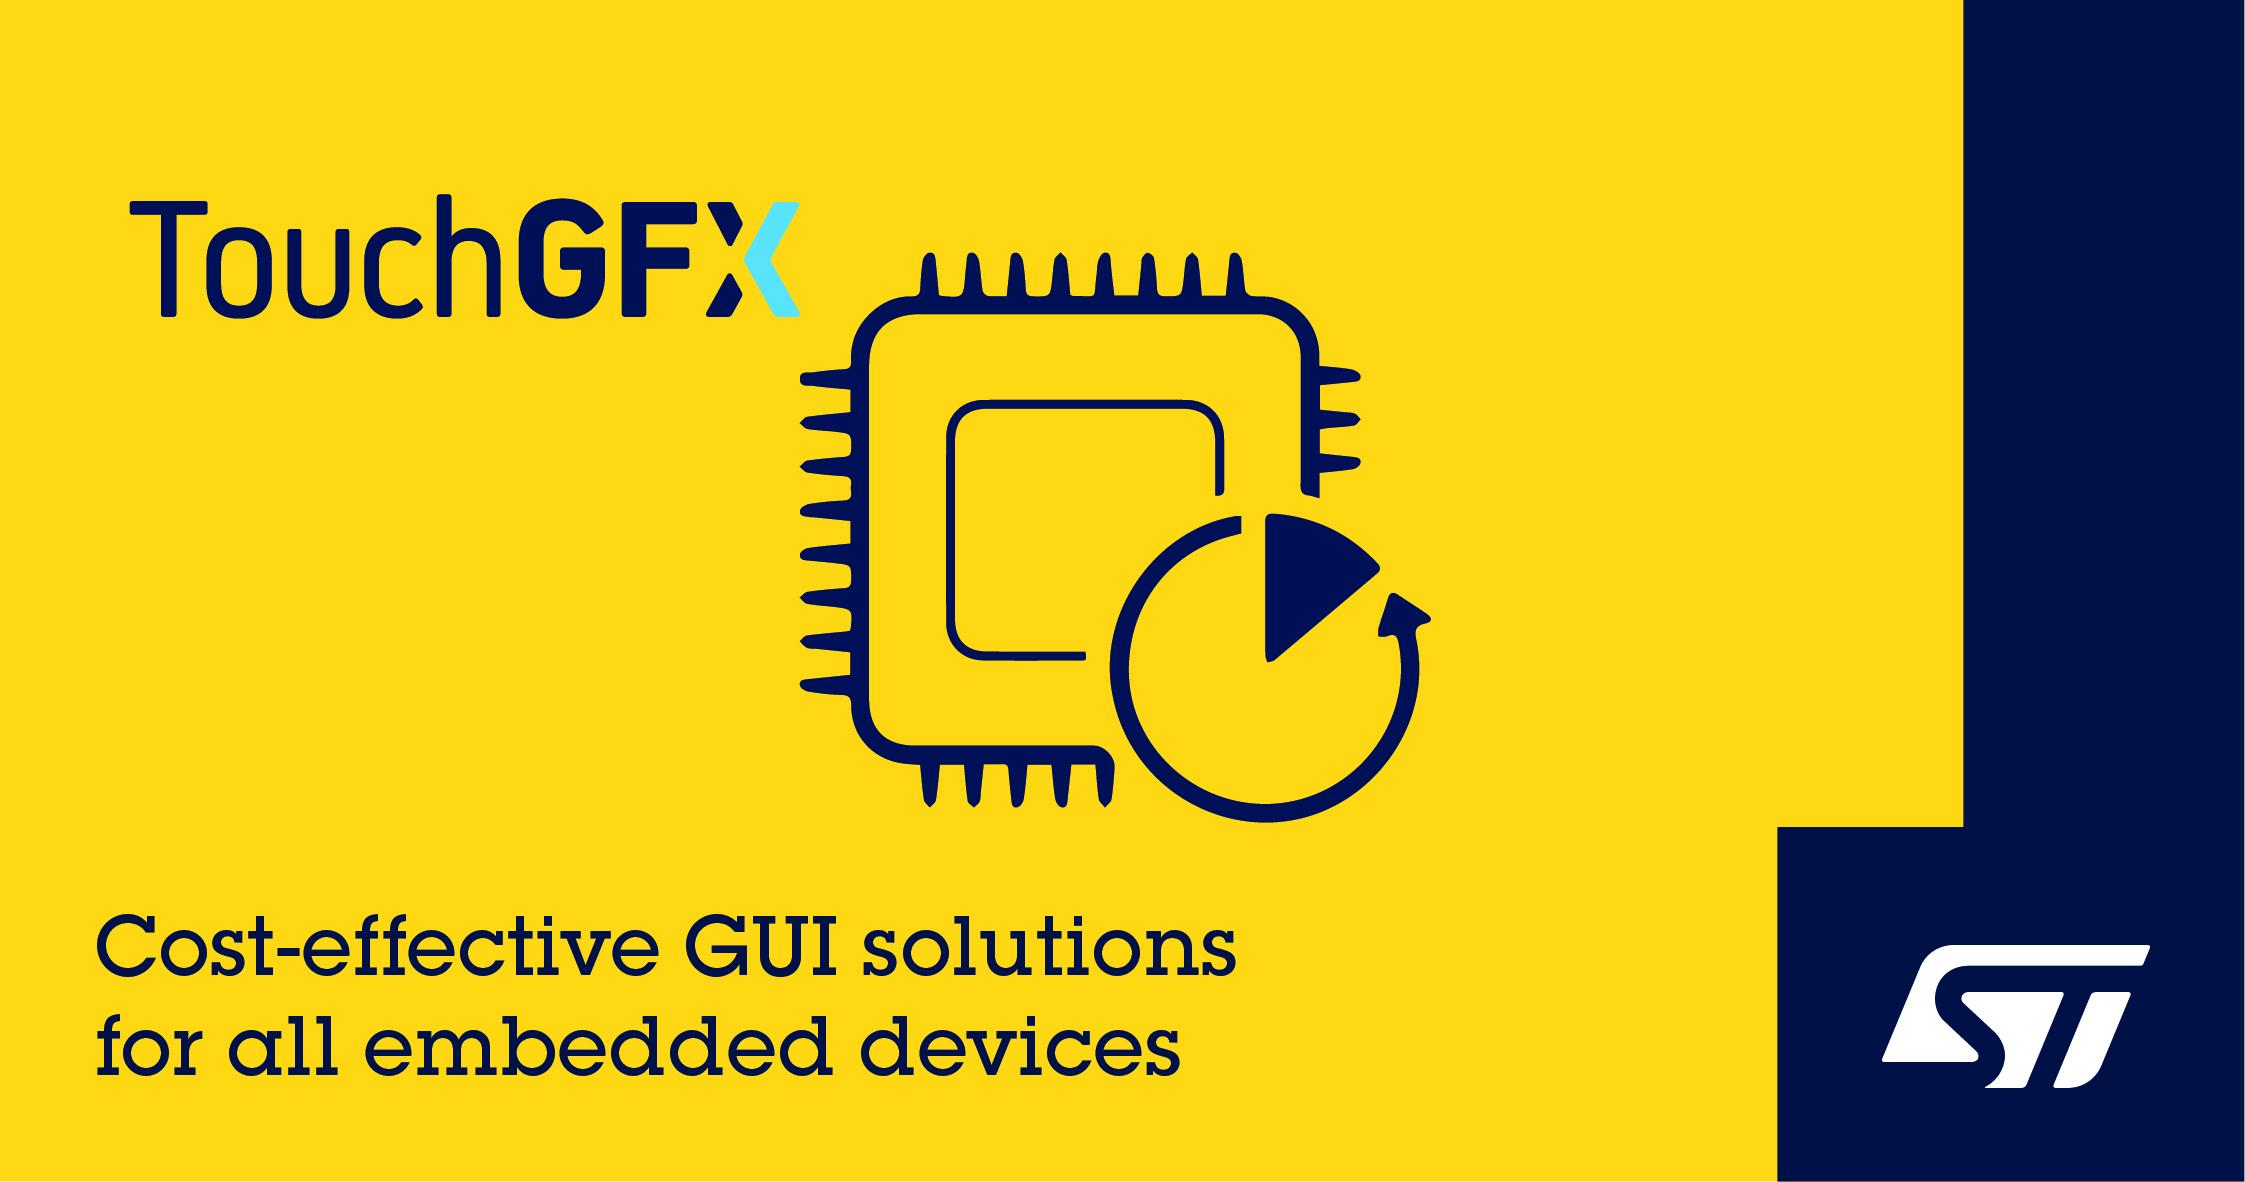 意法半导体推出新STM32 Nucleo Shield板卡并更新TouchGFX软件简化超低功耗设备GUI设计